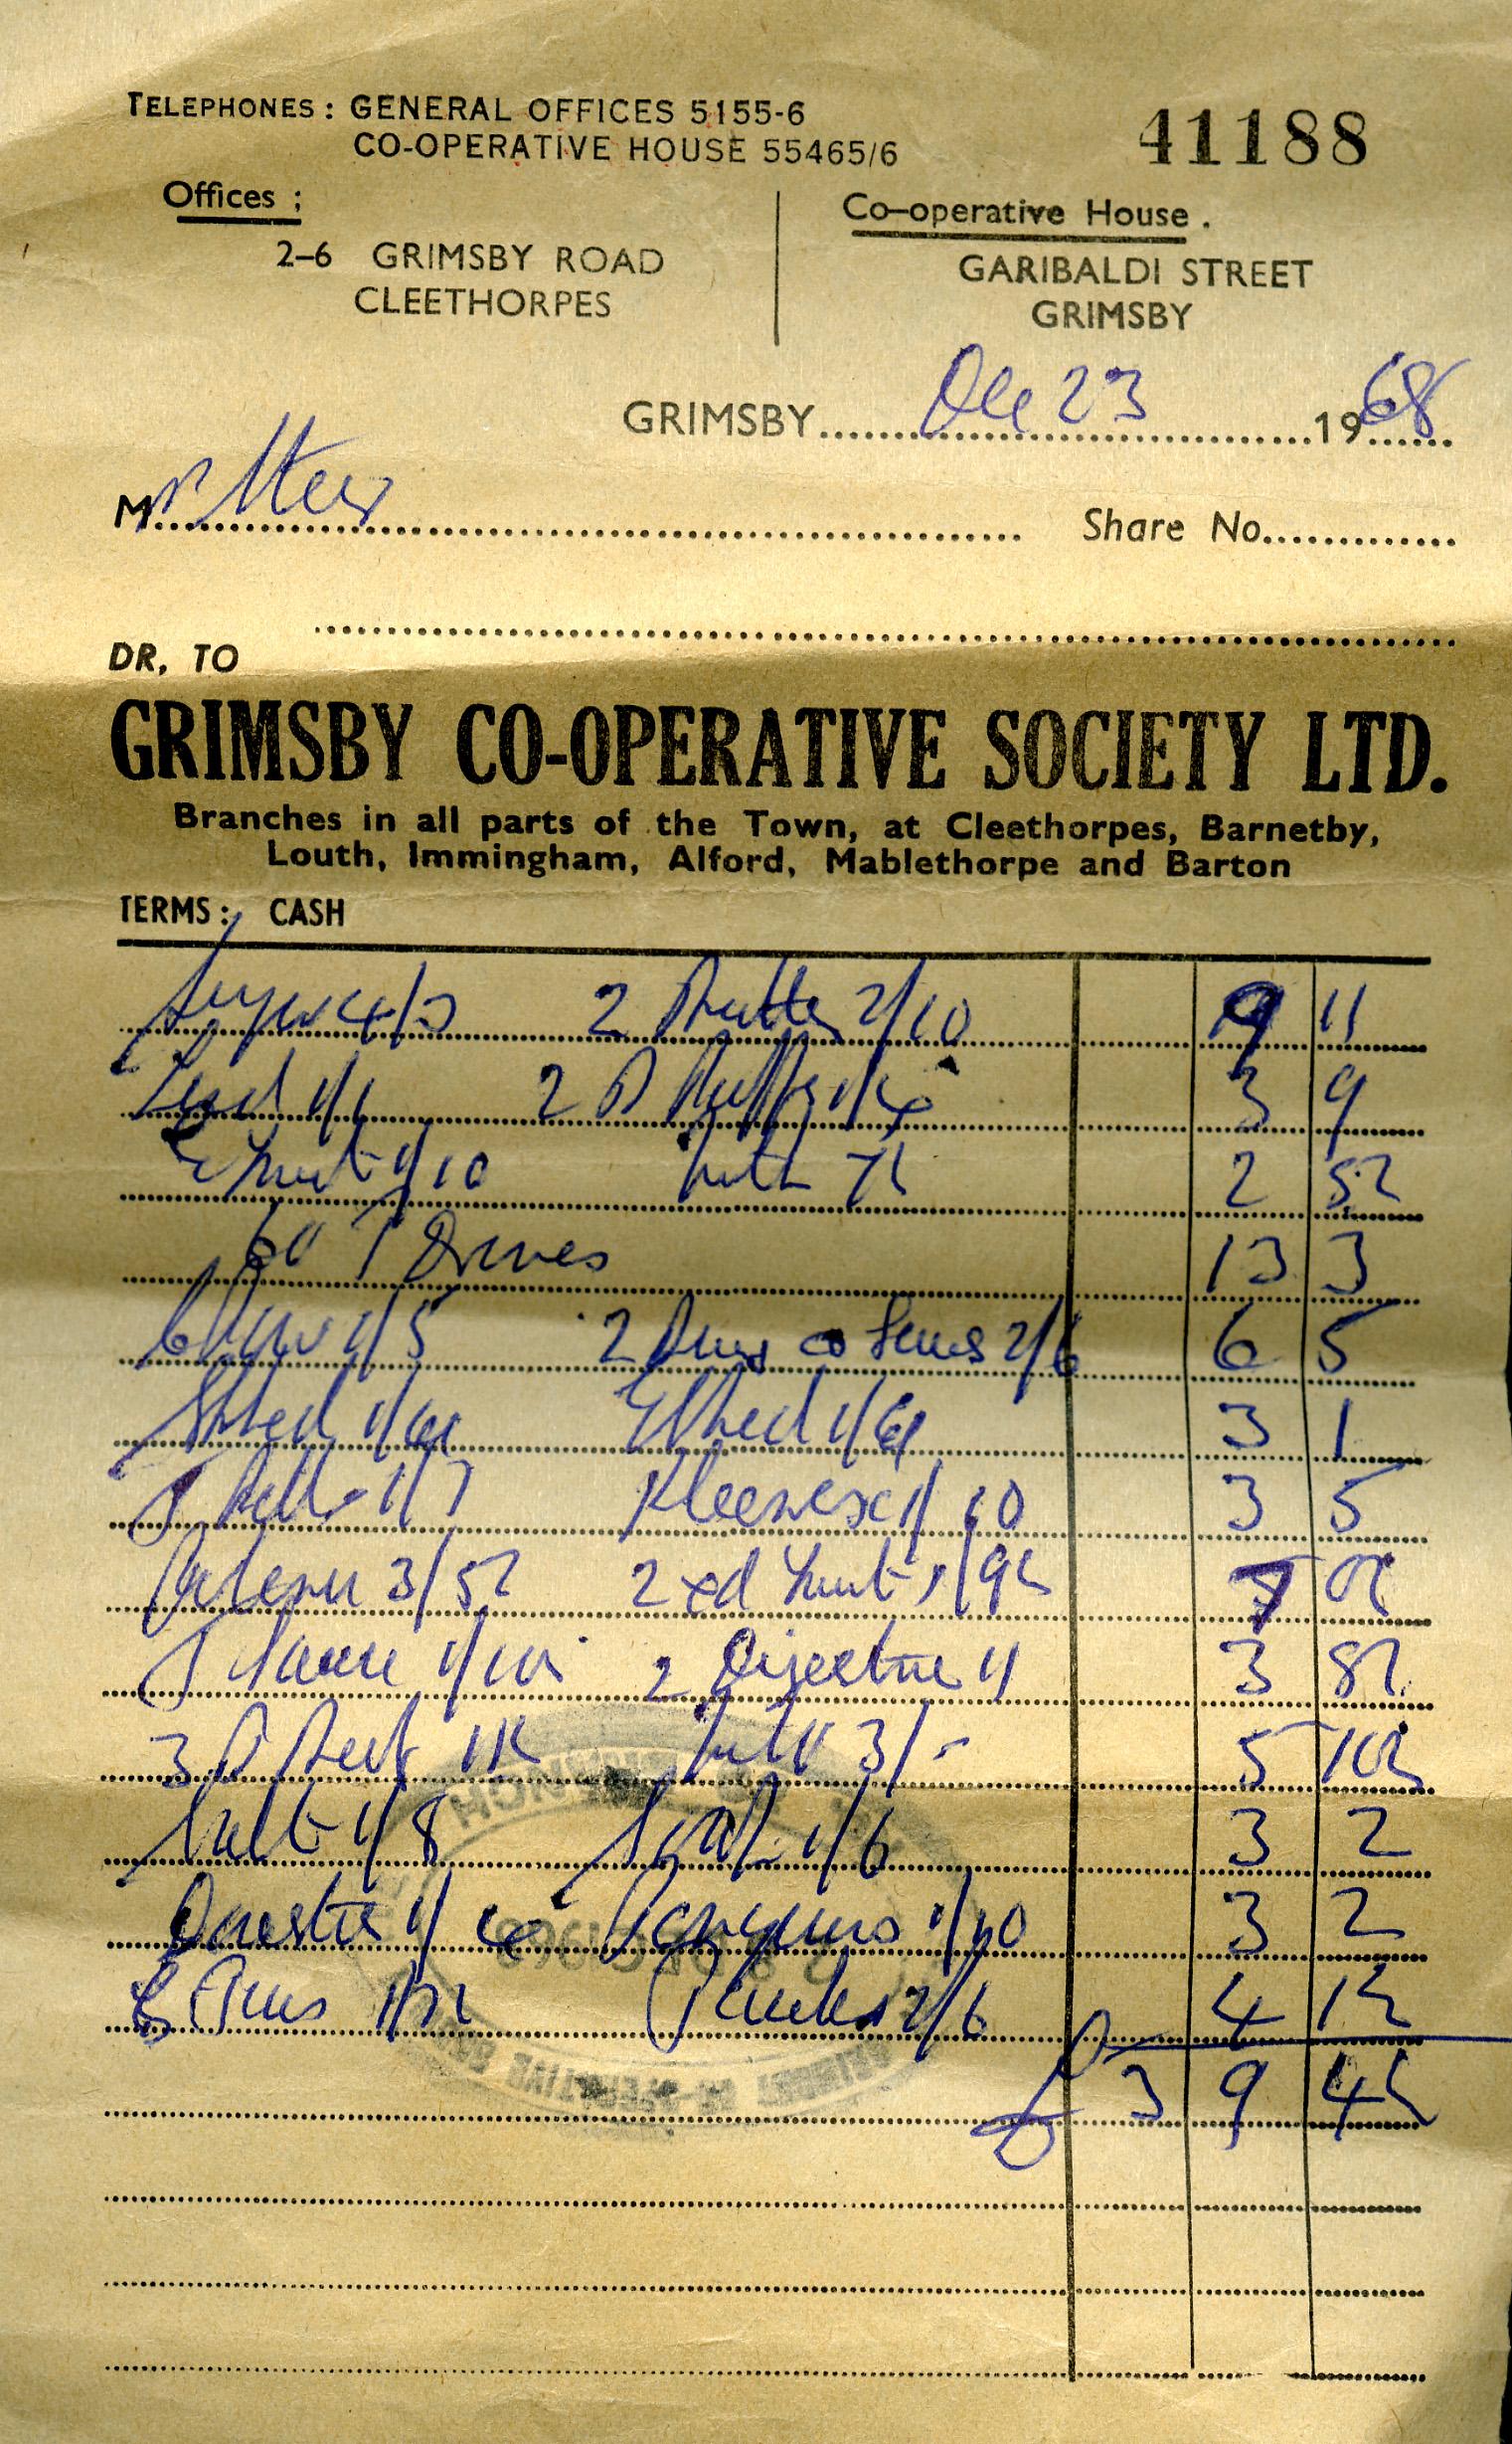 Invoice Dec 1968.jpg